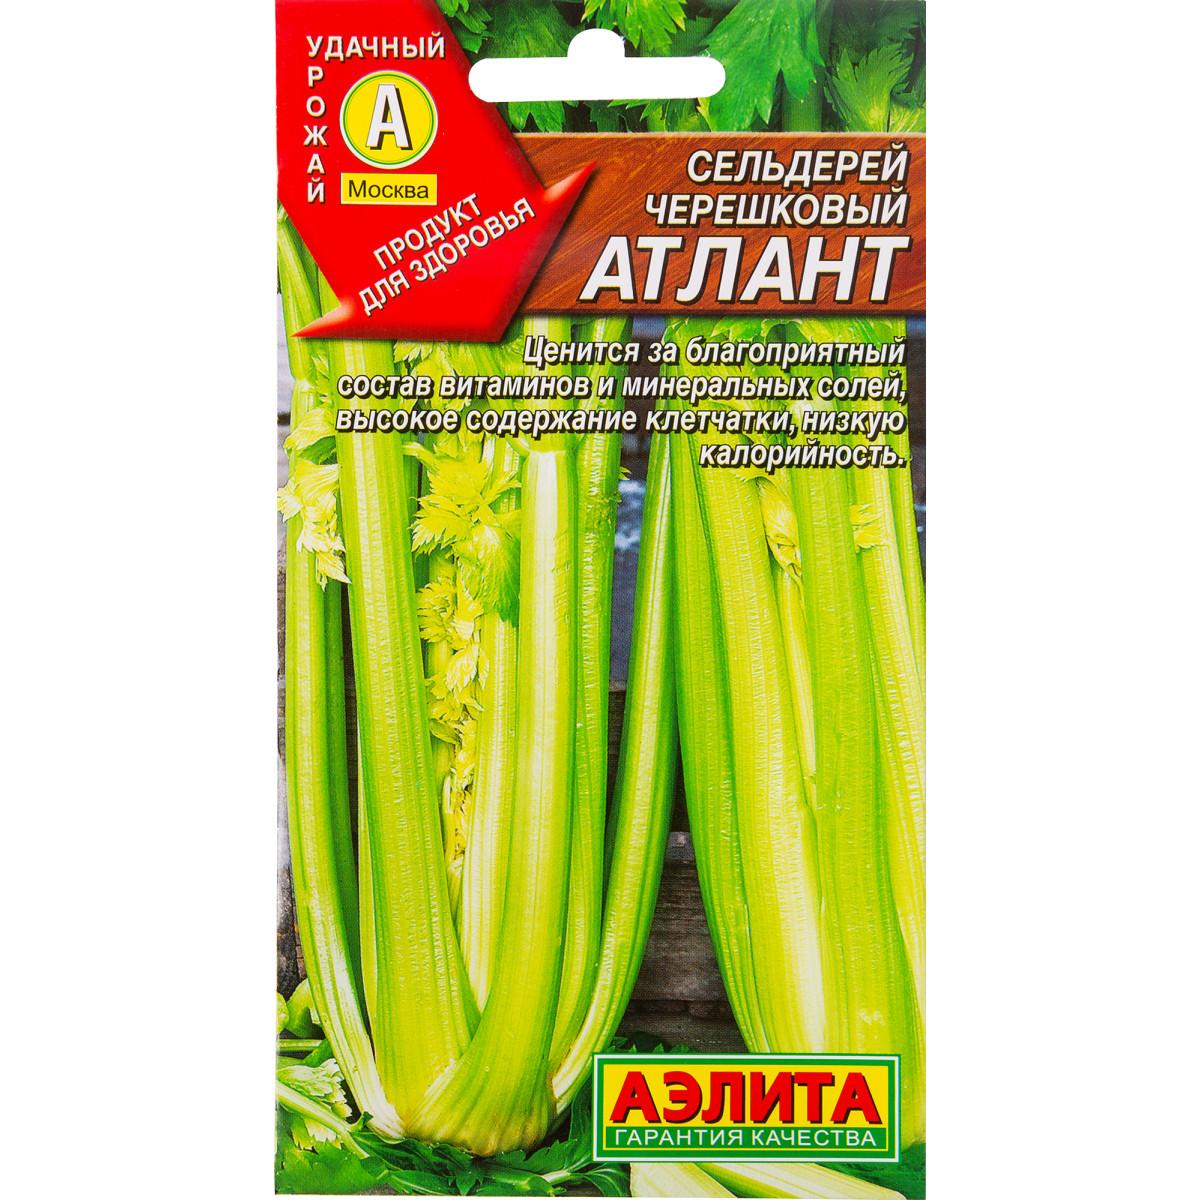 Семена Сельдерей черешковый Атлант 0.5 г